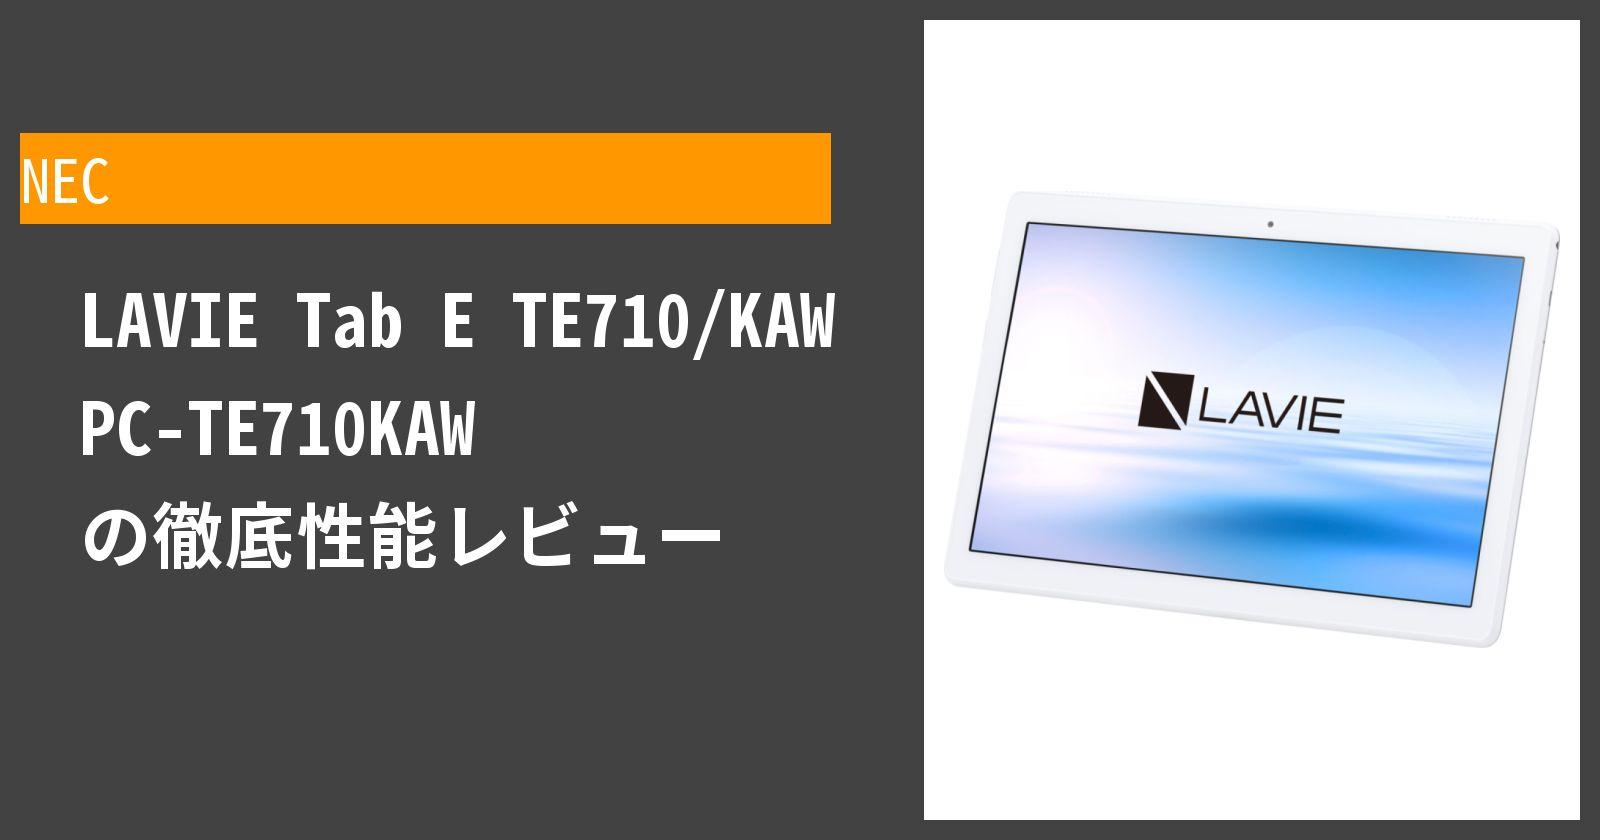 LAVIE Tab E TE710/KAW PC-TE710KAW の徹底性能レビュー